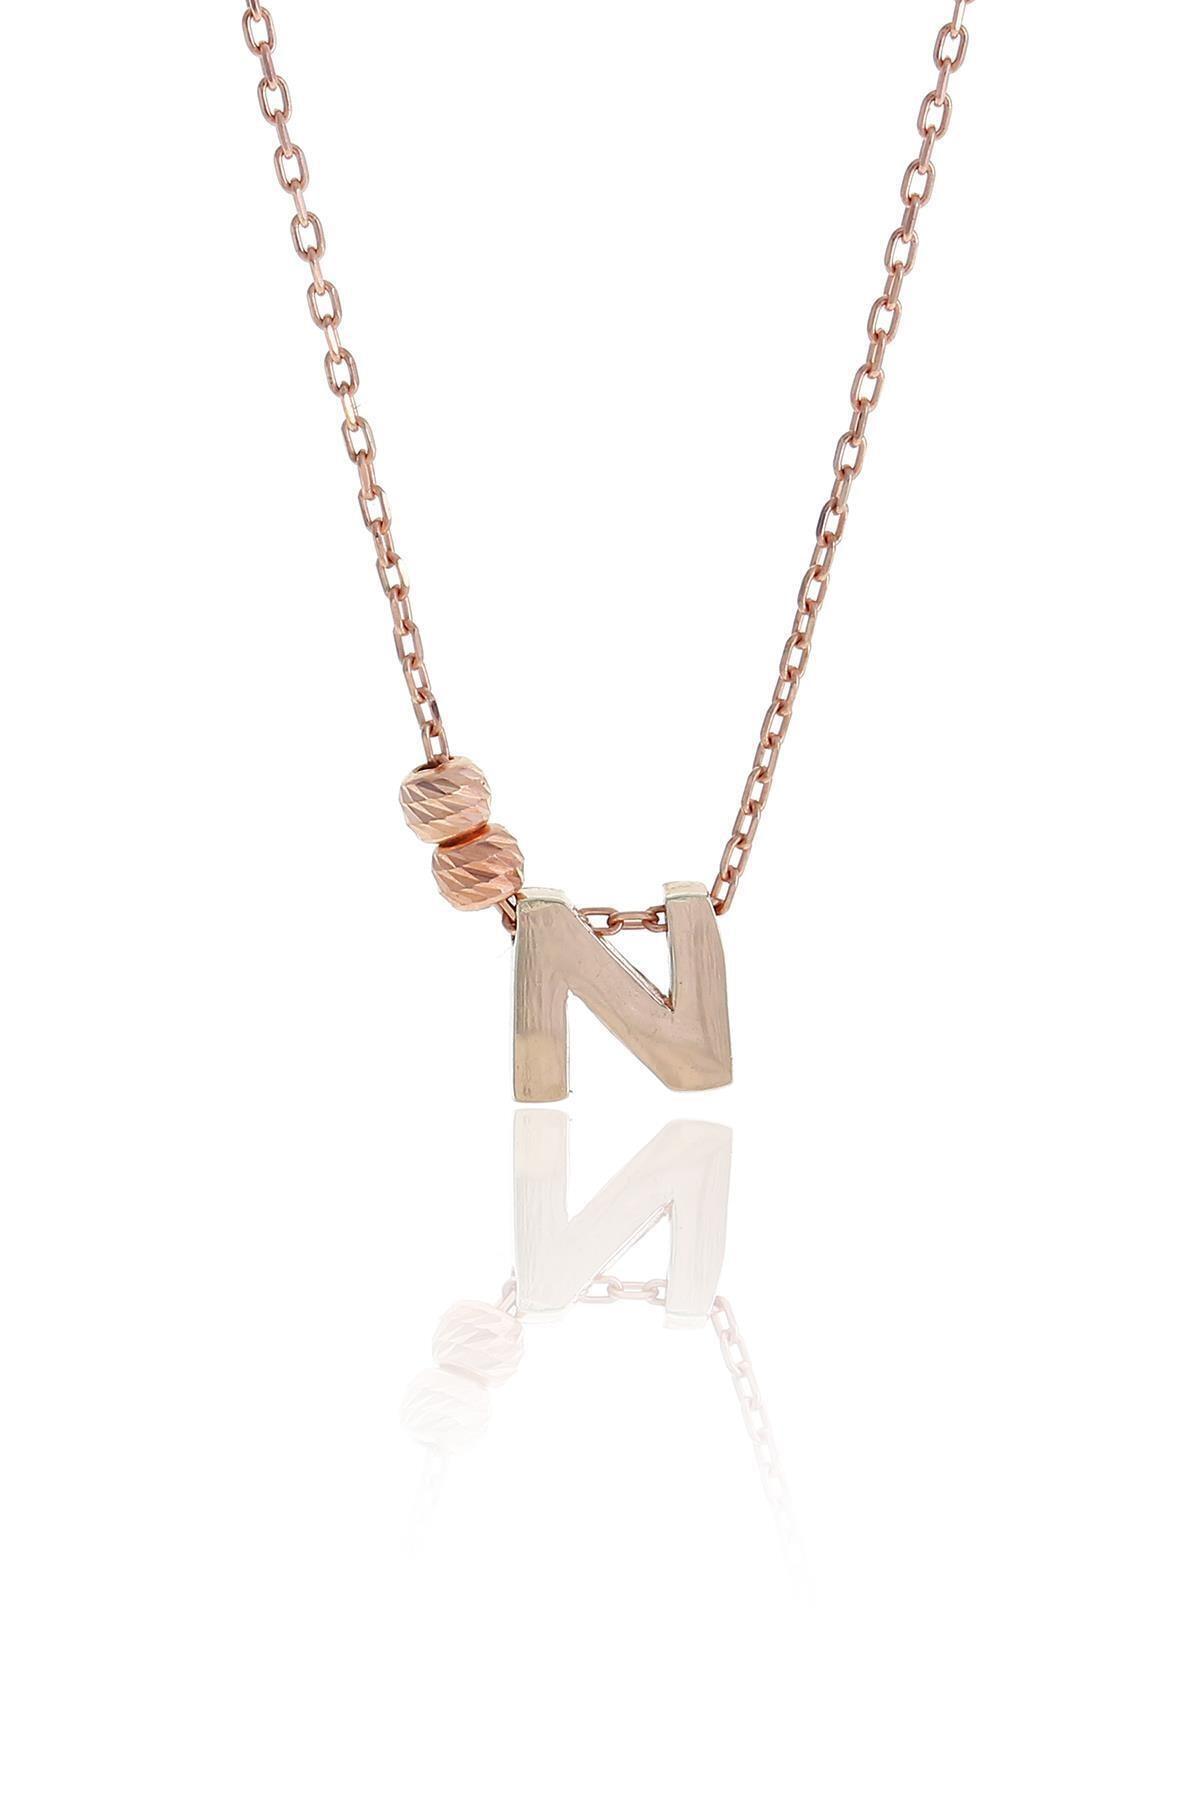 N Harfli Tasarım Rose Gümüş Kolye 3824